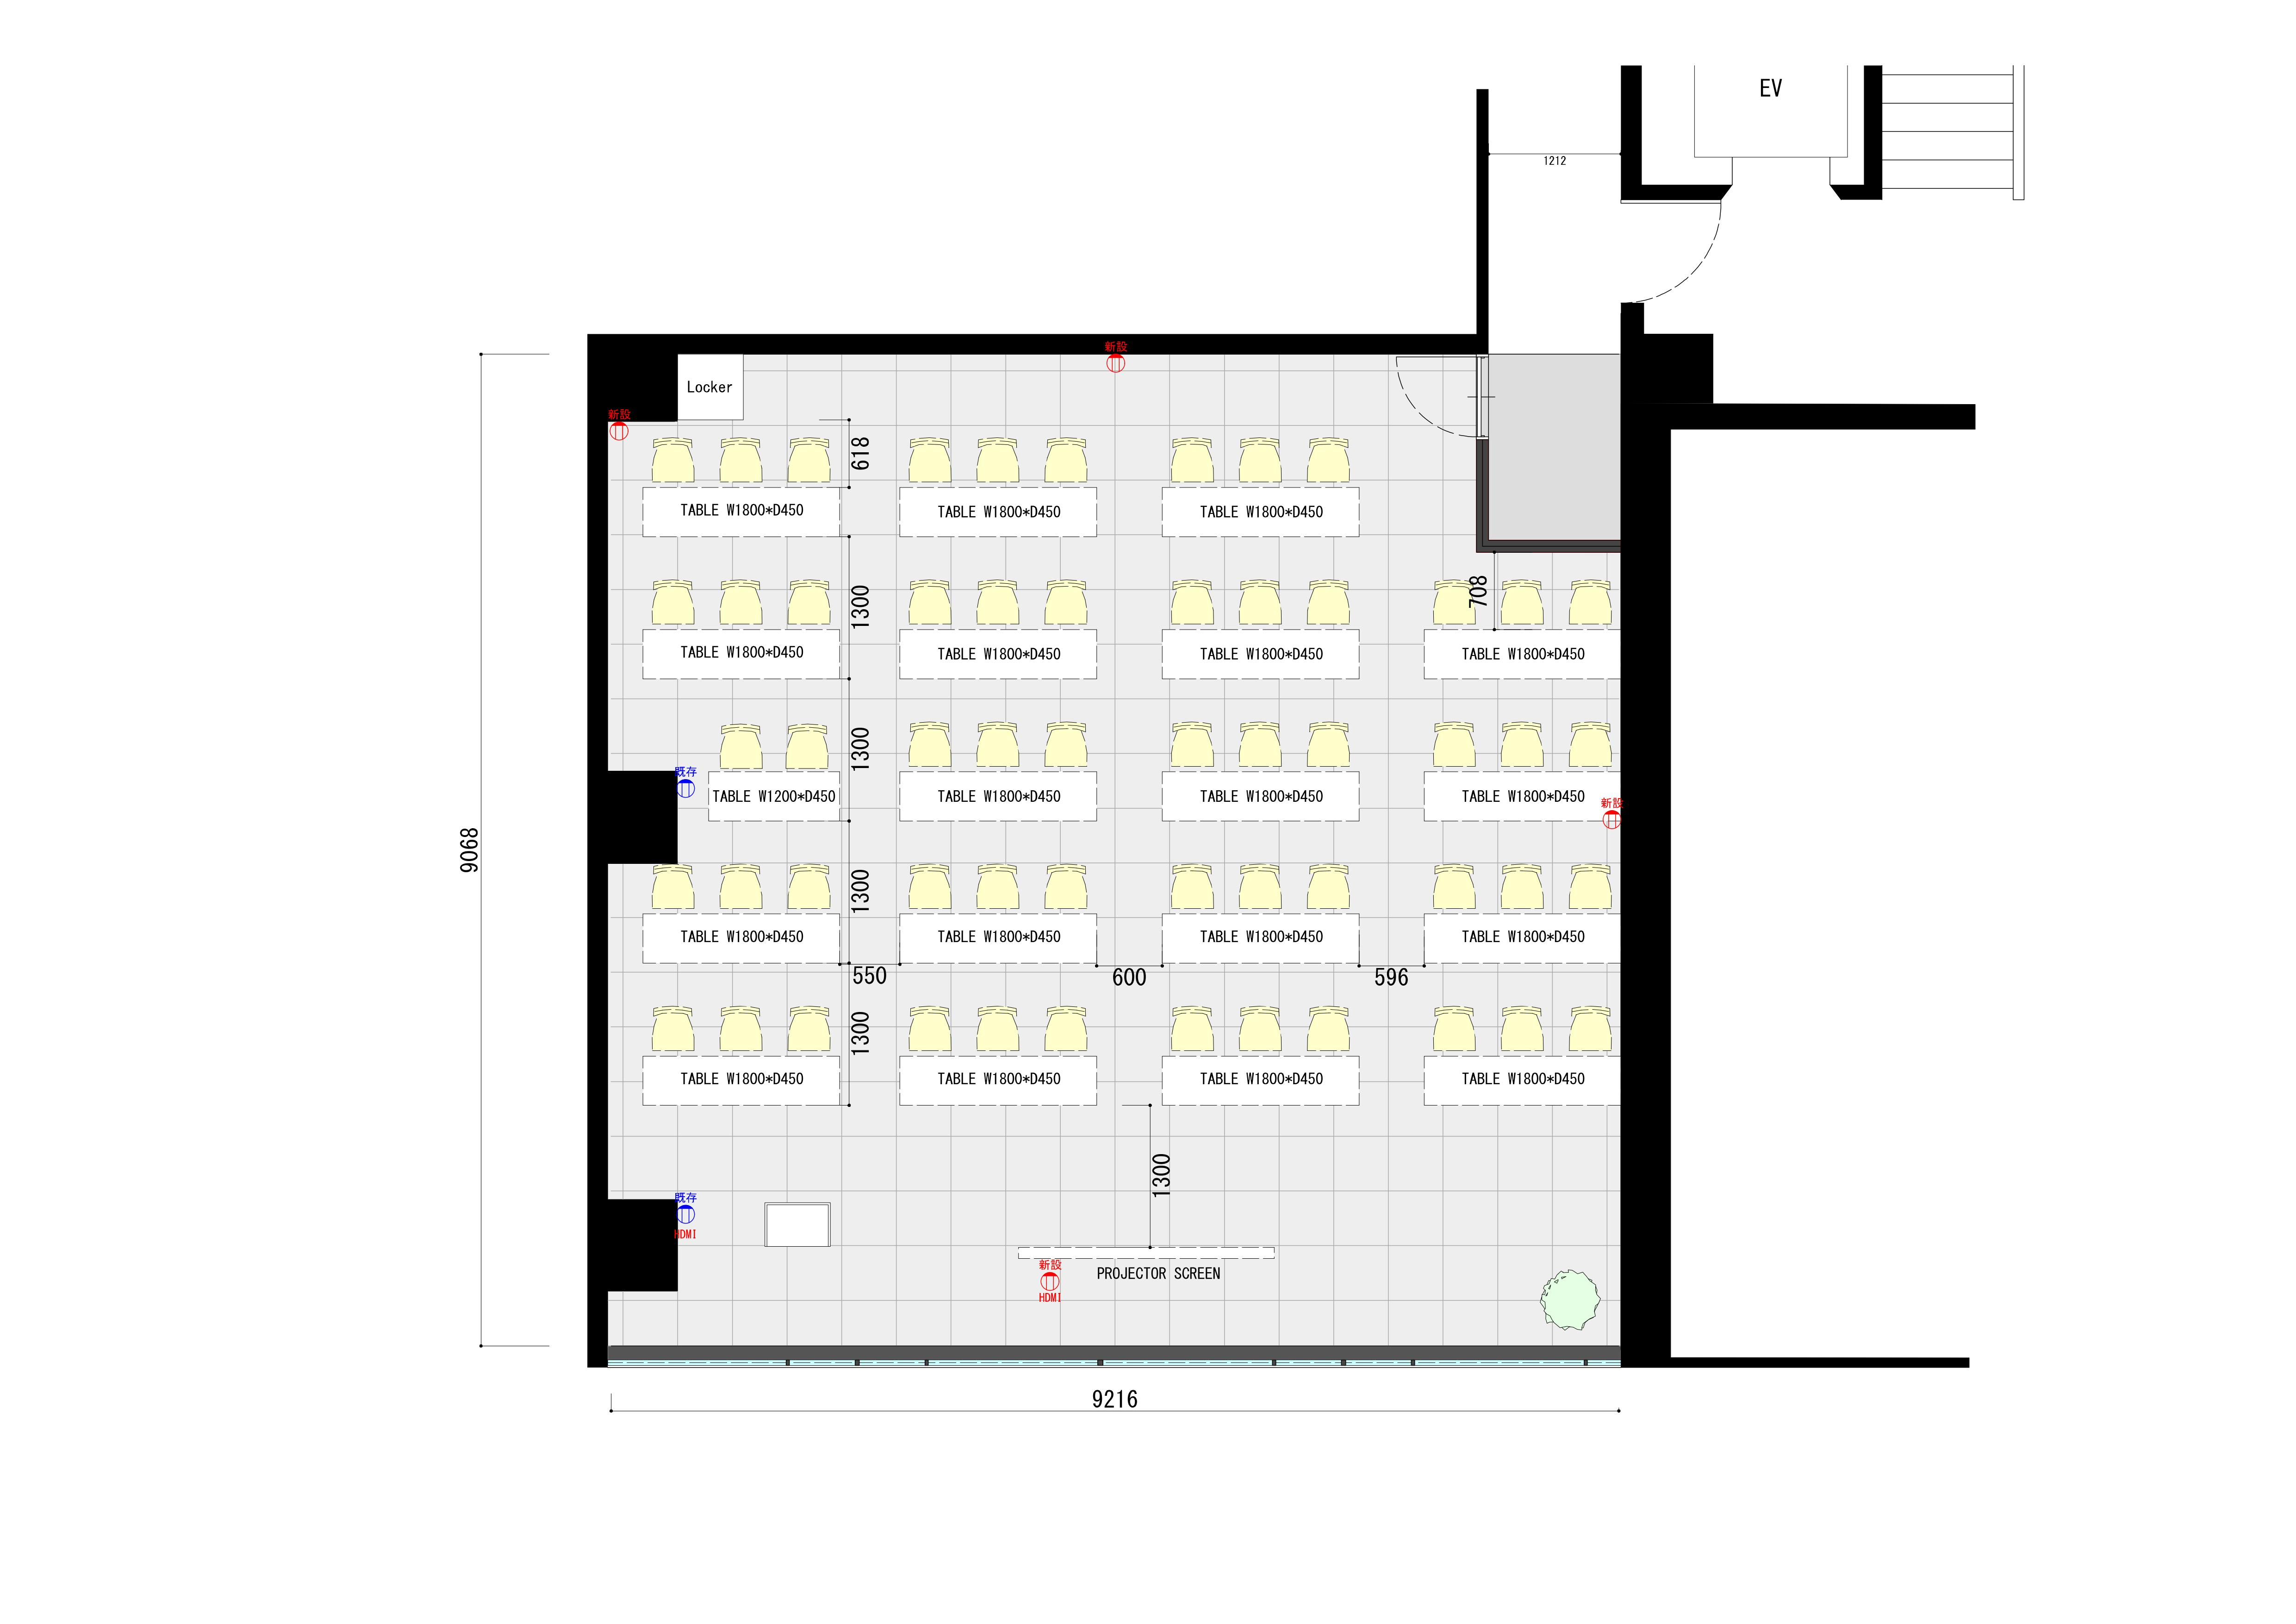 みんなの会議室 渋谷宮益坂3B (ID:) 図面|akibaco|あきばこ|スペースマネジメント|あどばる|adval